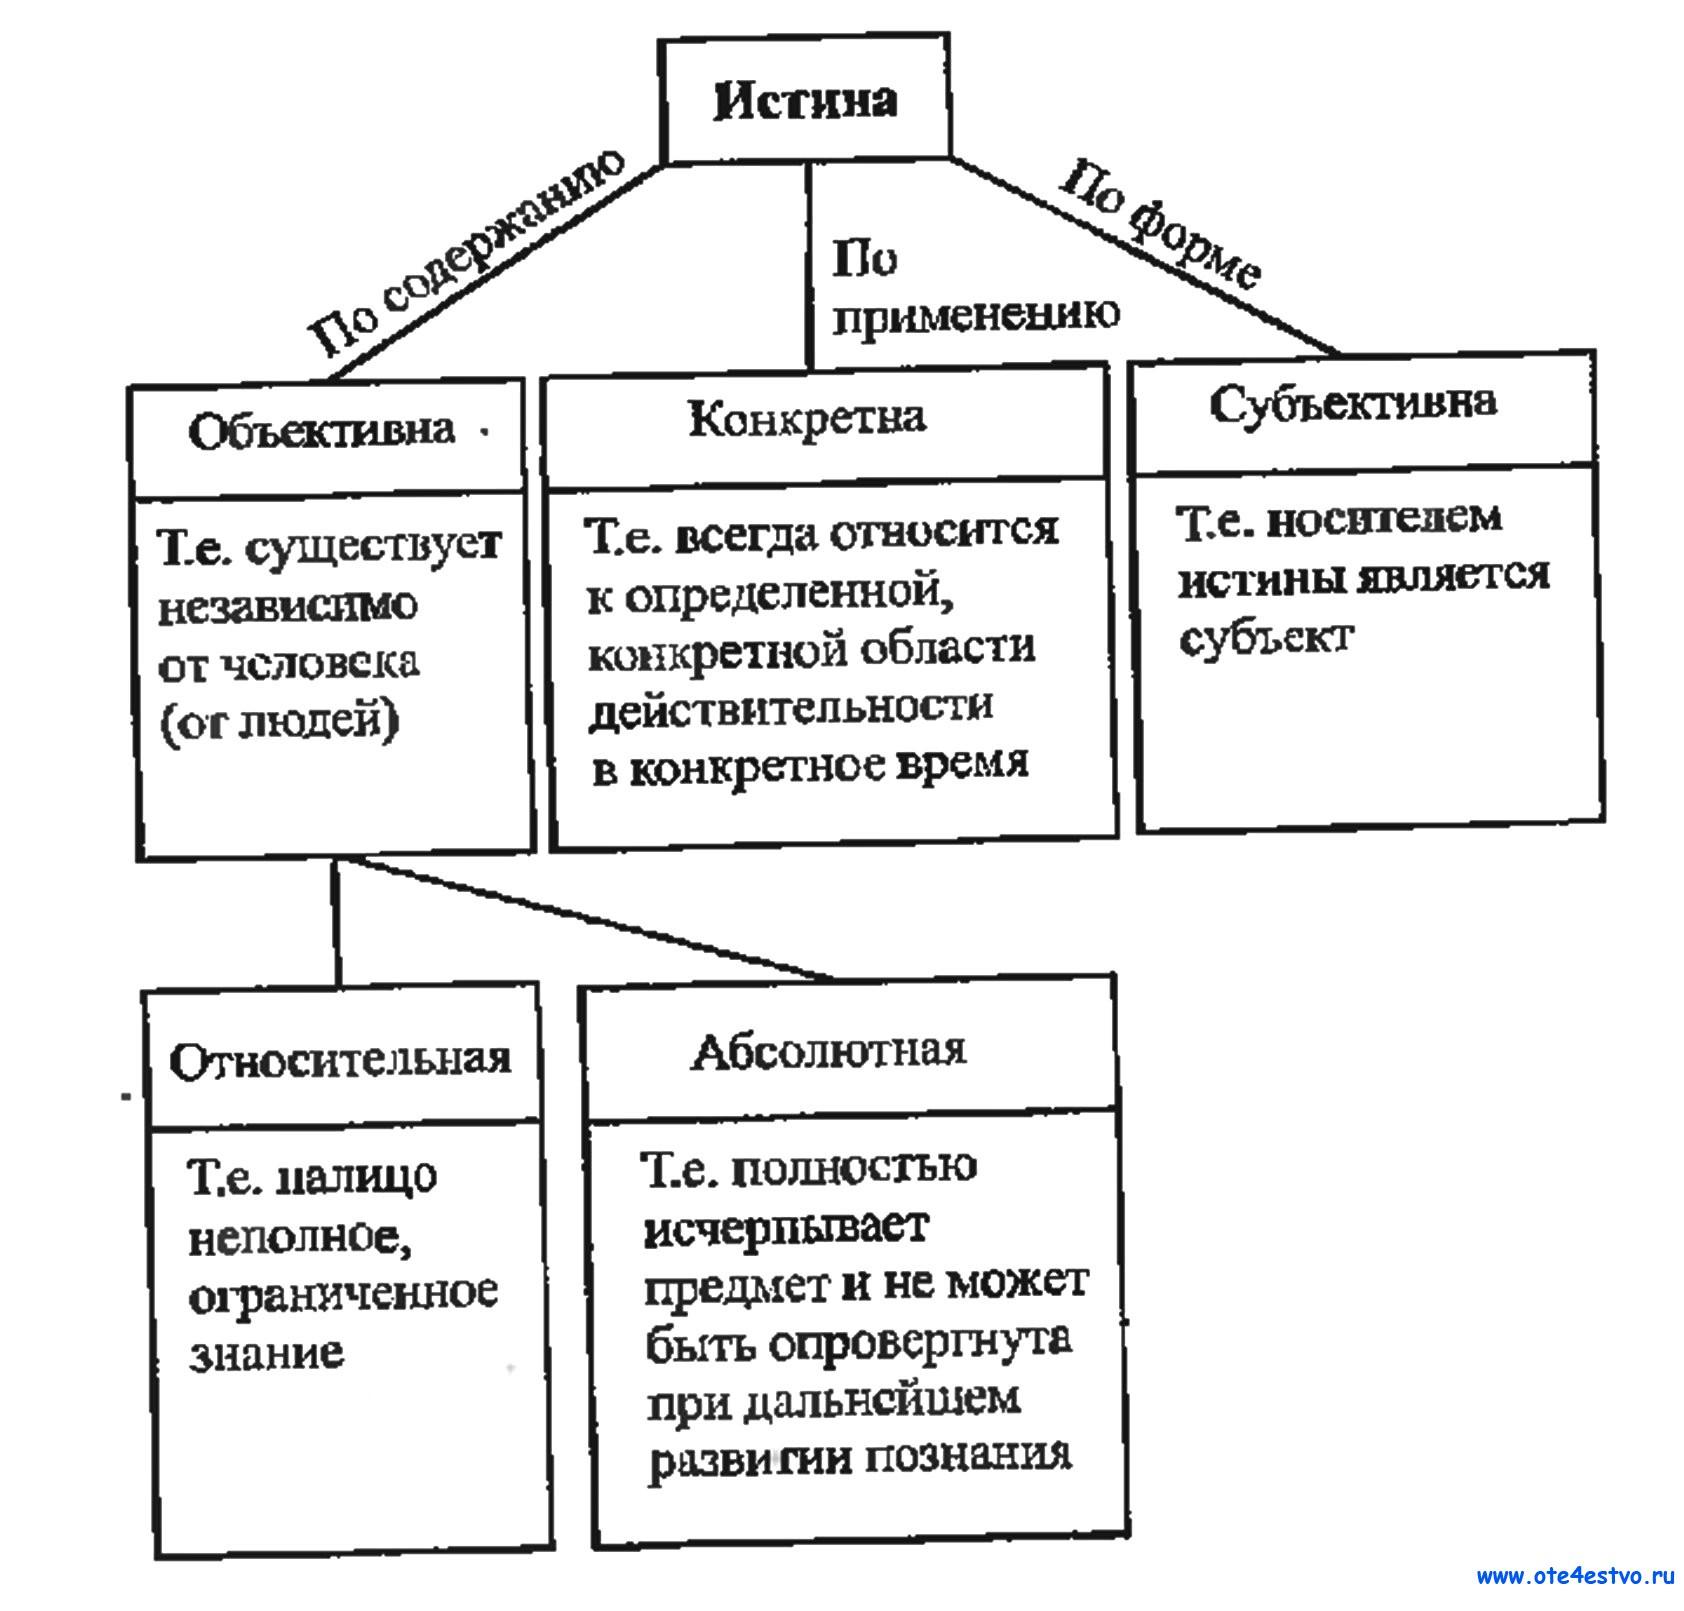 Истина схемы и таблицы